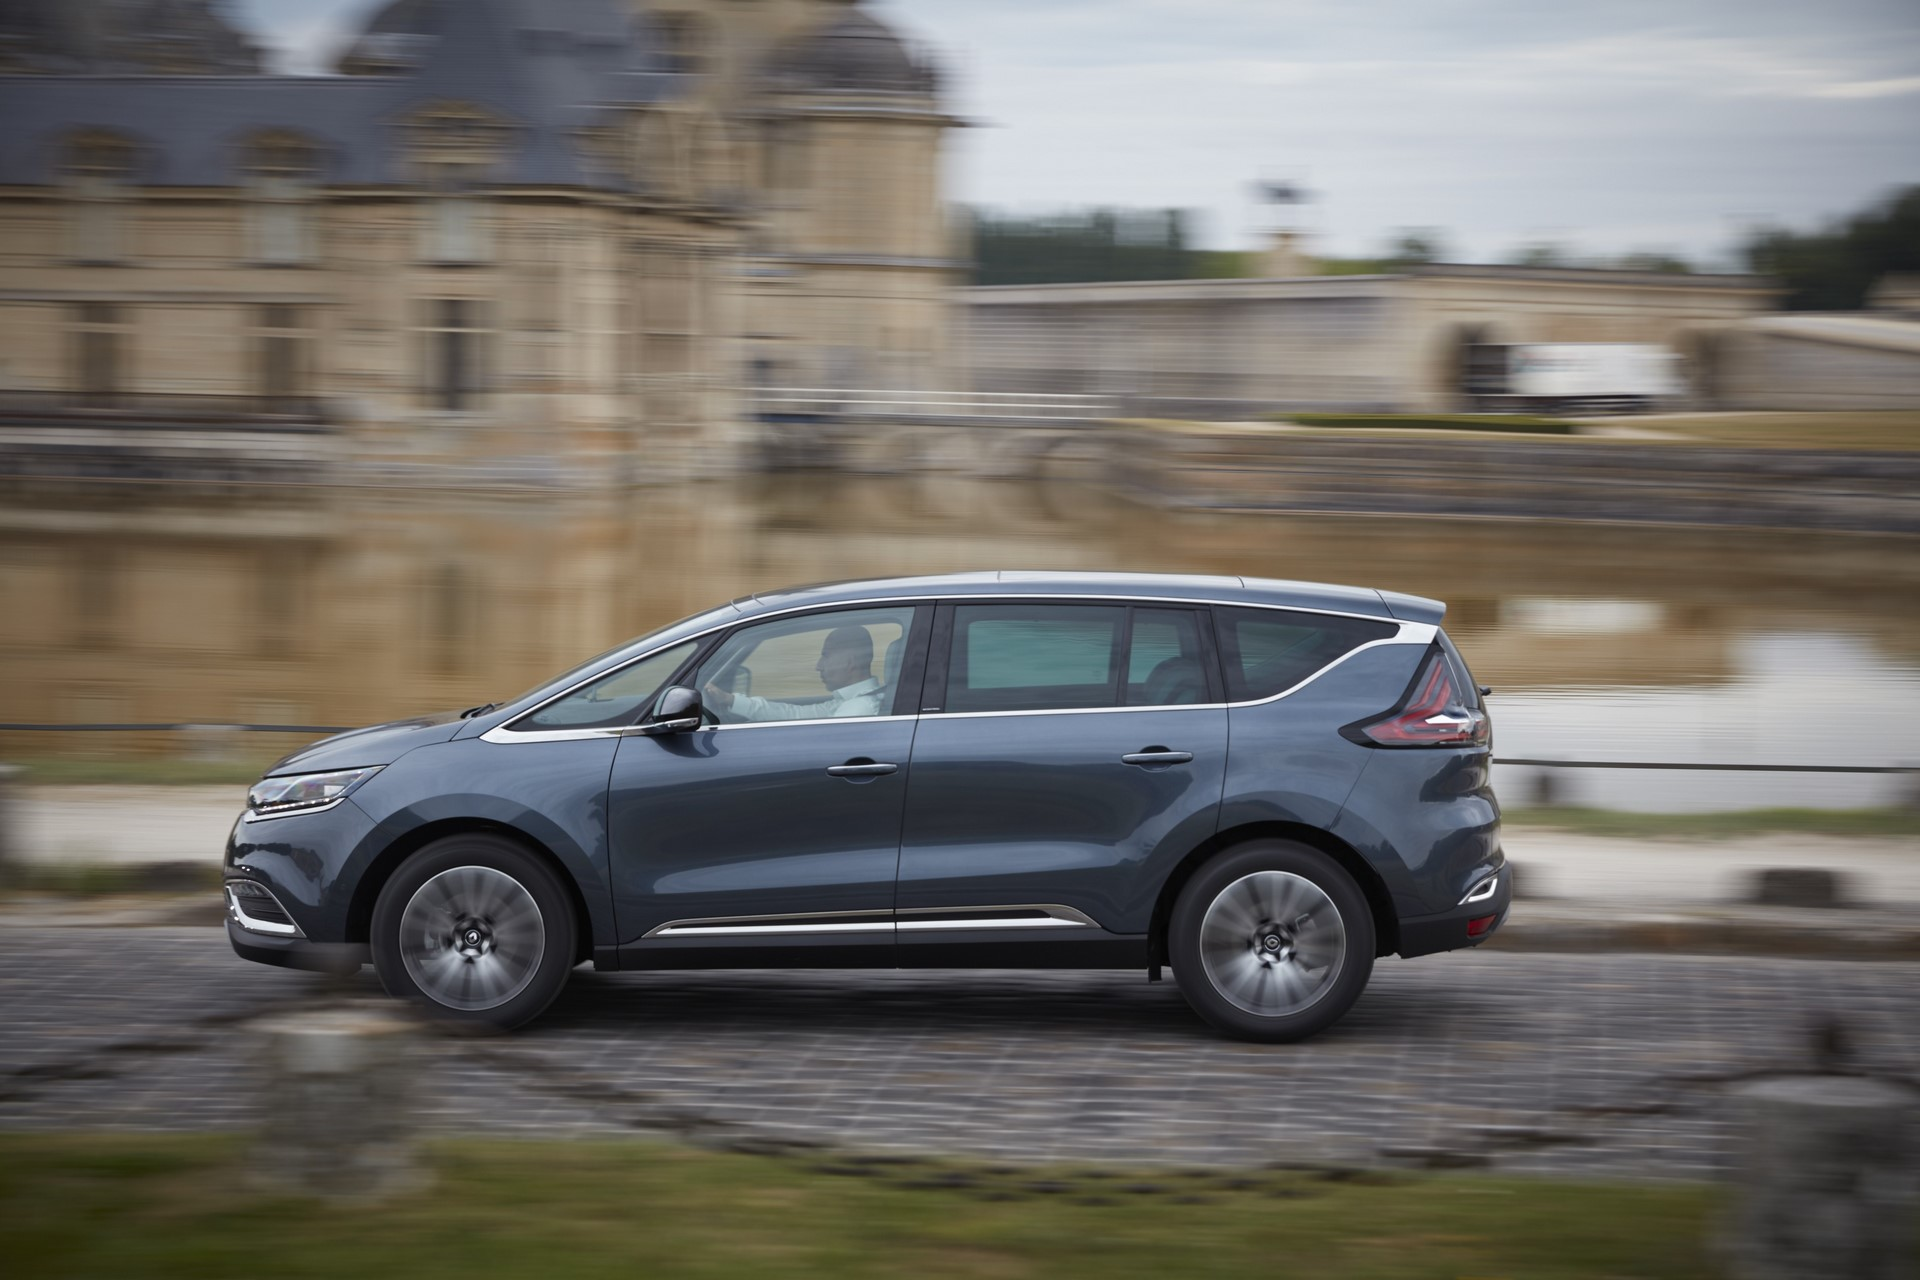 Renault_93224_global_en